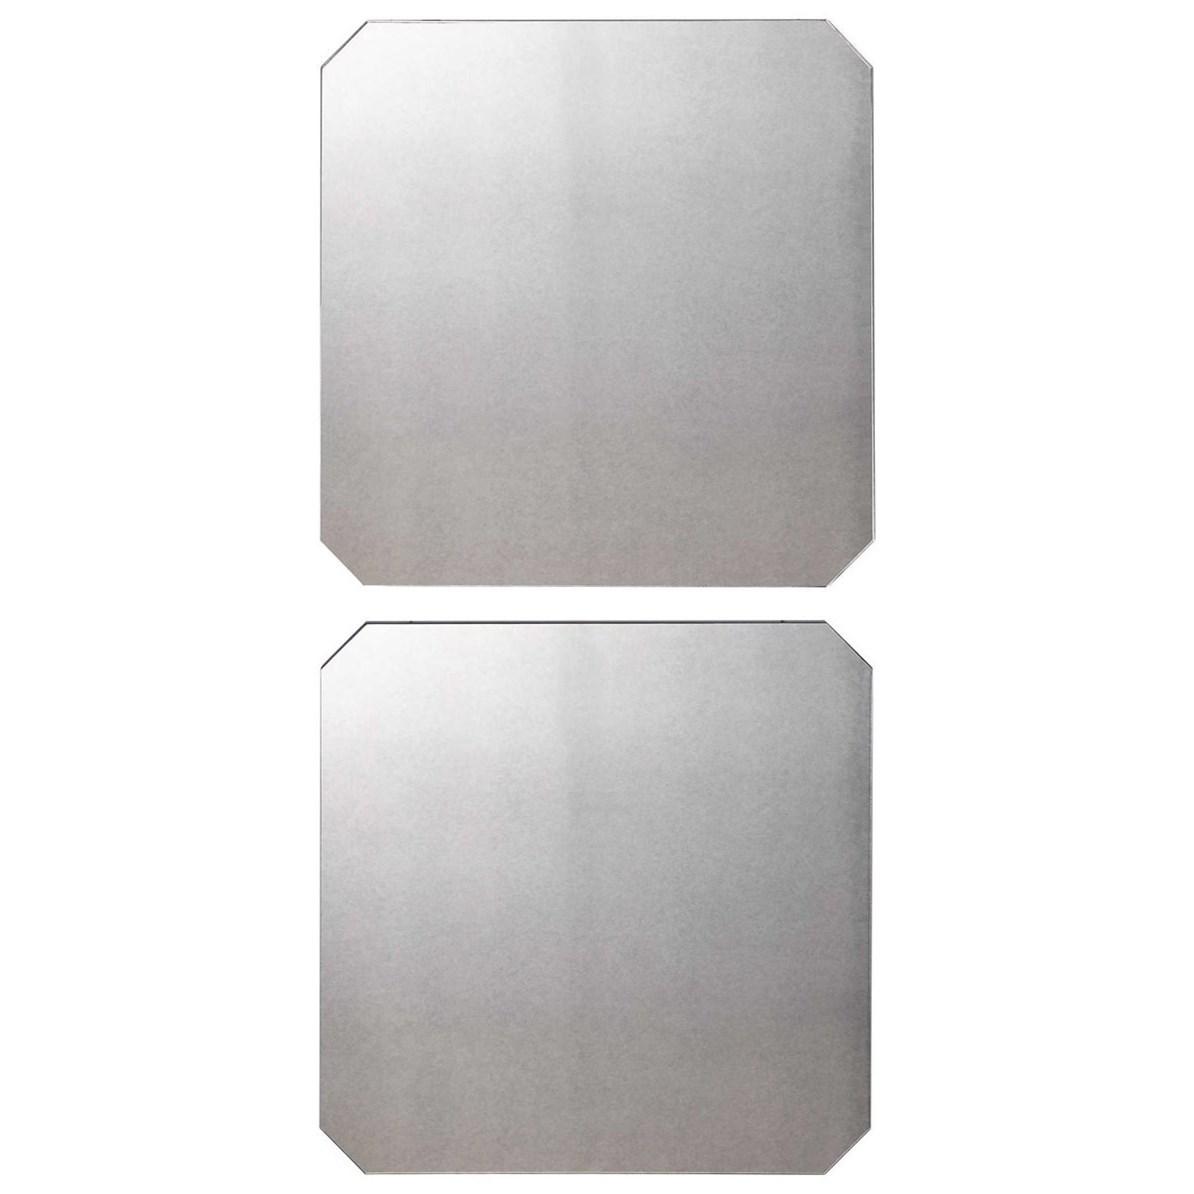 Lange Square Mirrors, Set/2